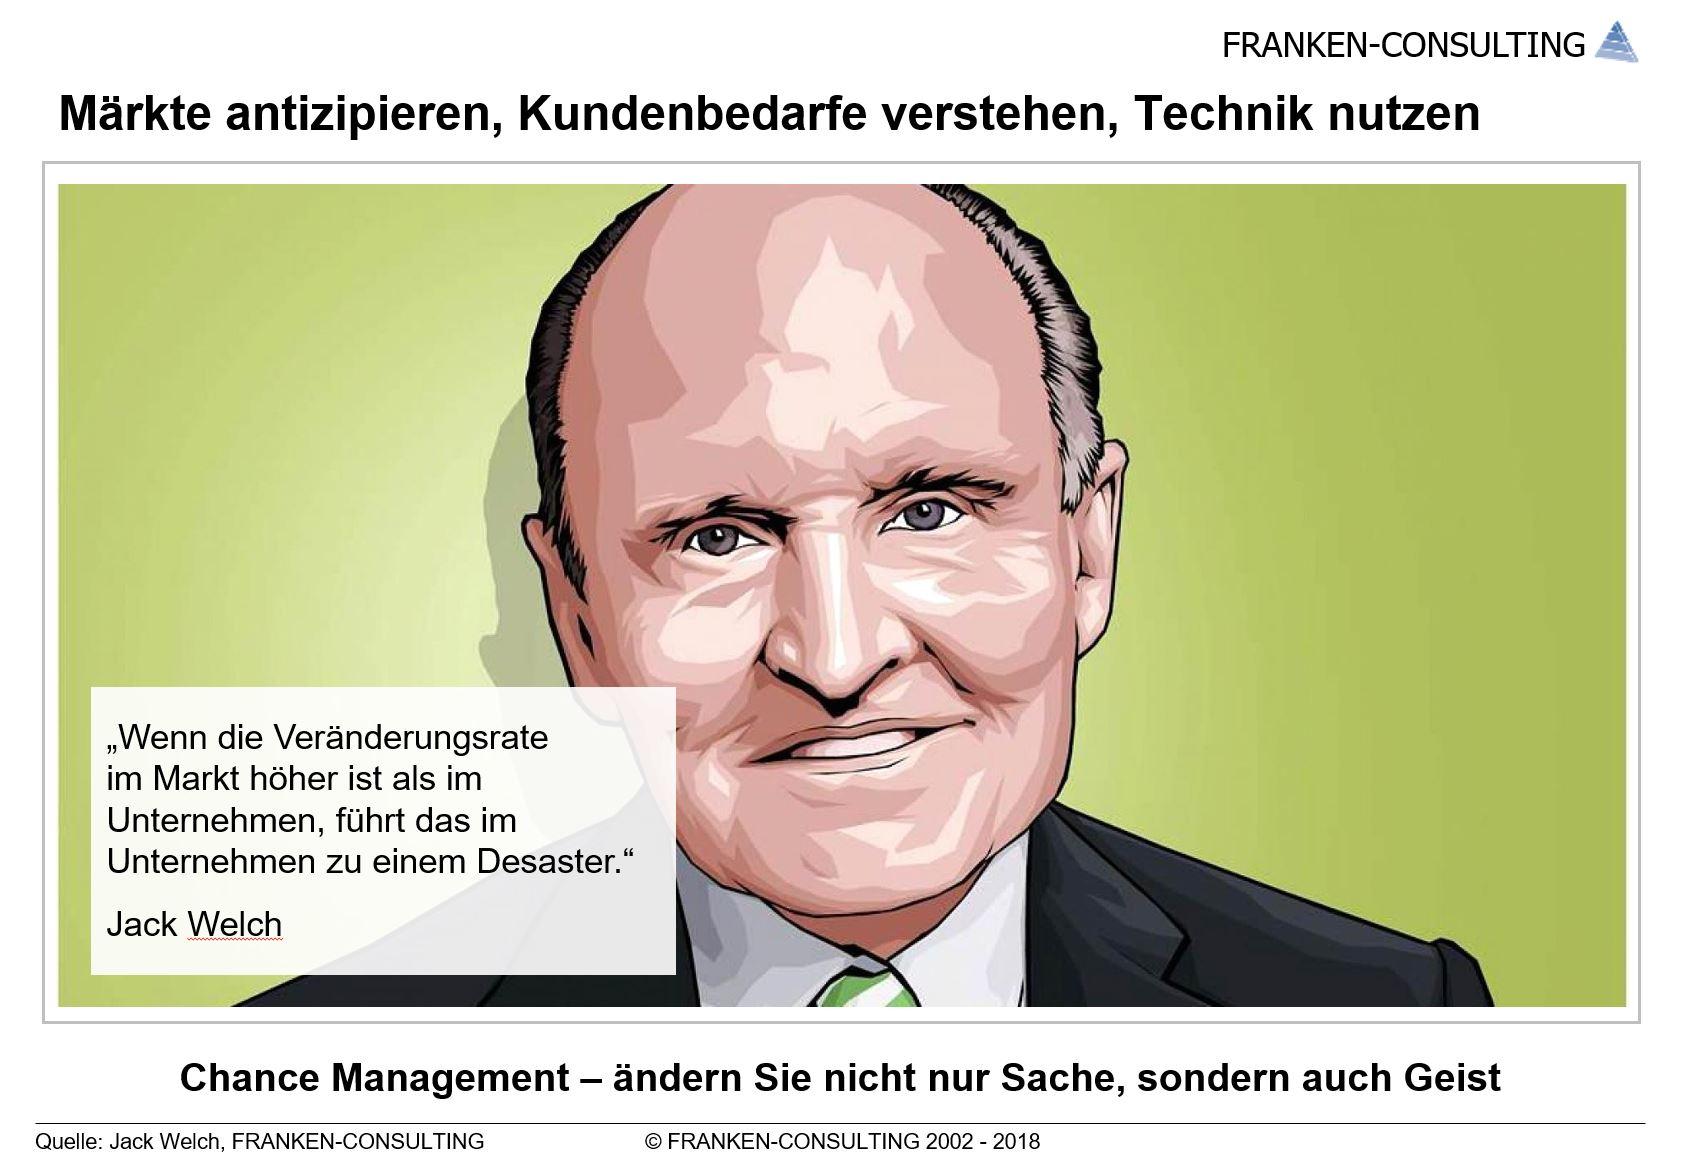 Franken-Consulting Unternehmensberatung Change Management